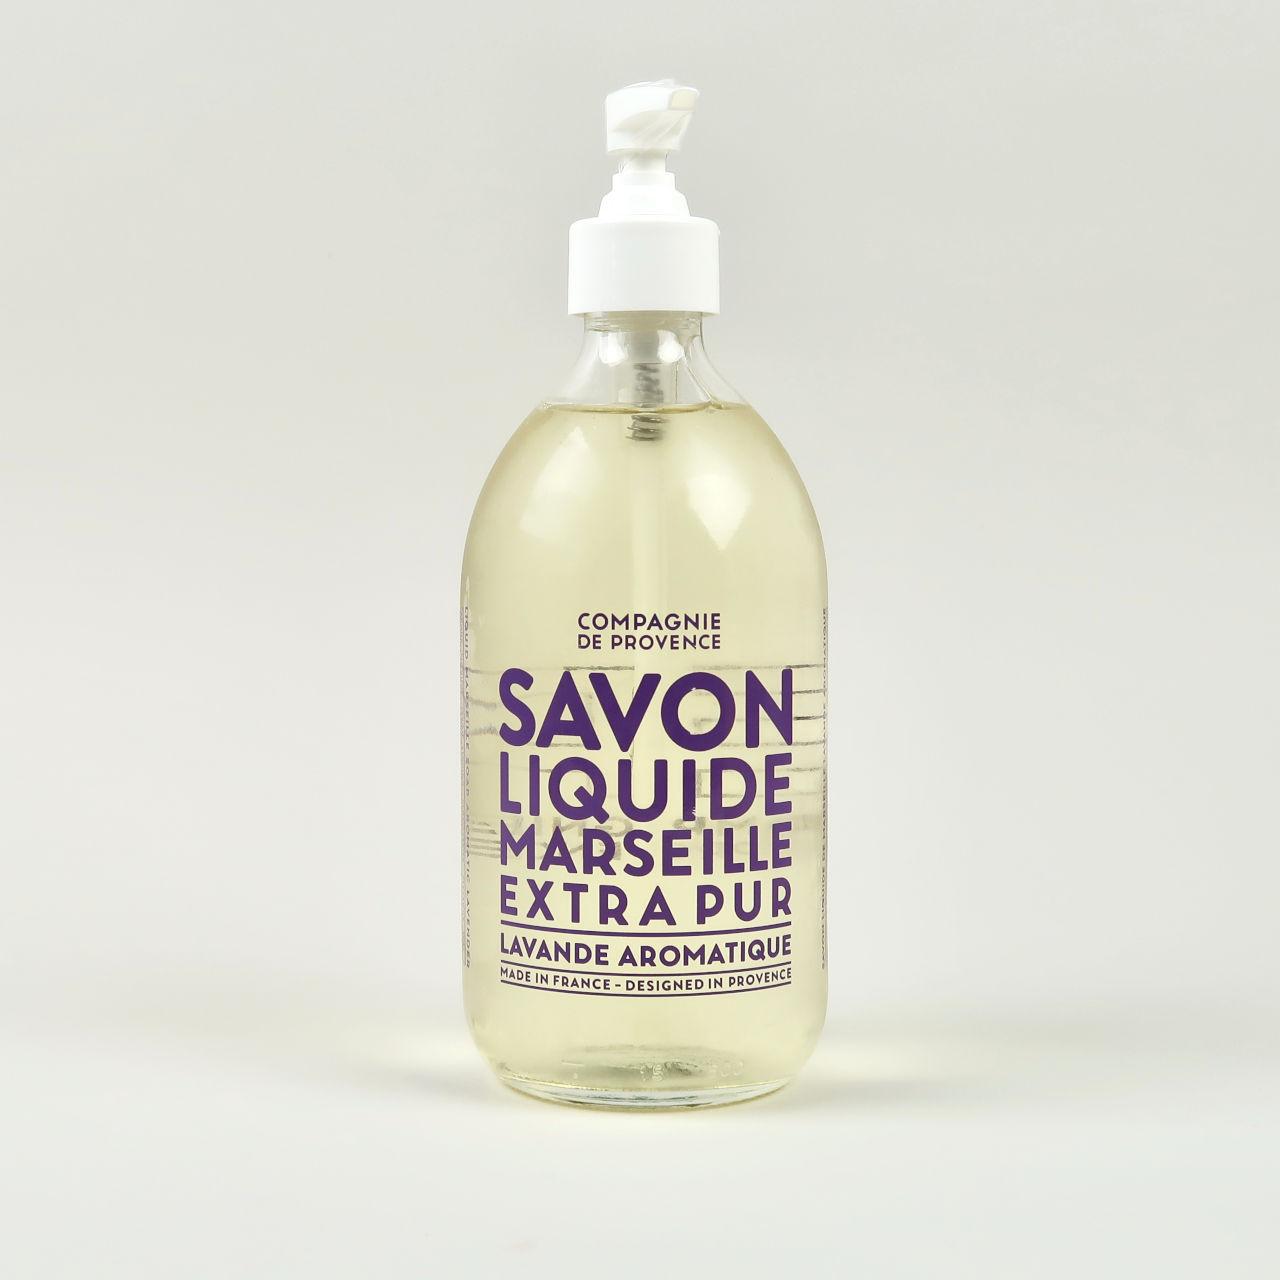 Savon Liquid Marseille - 495ml - Lavande